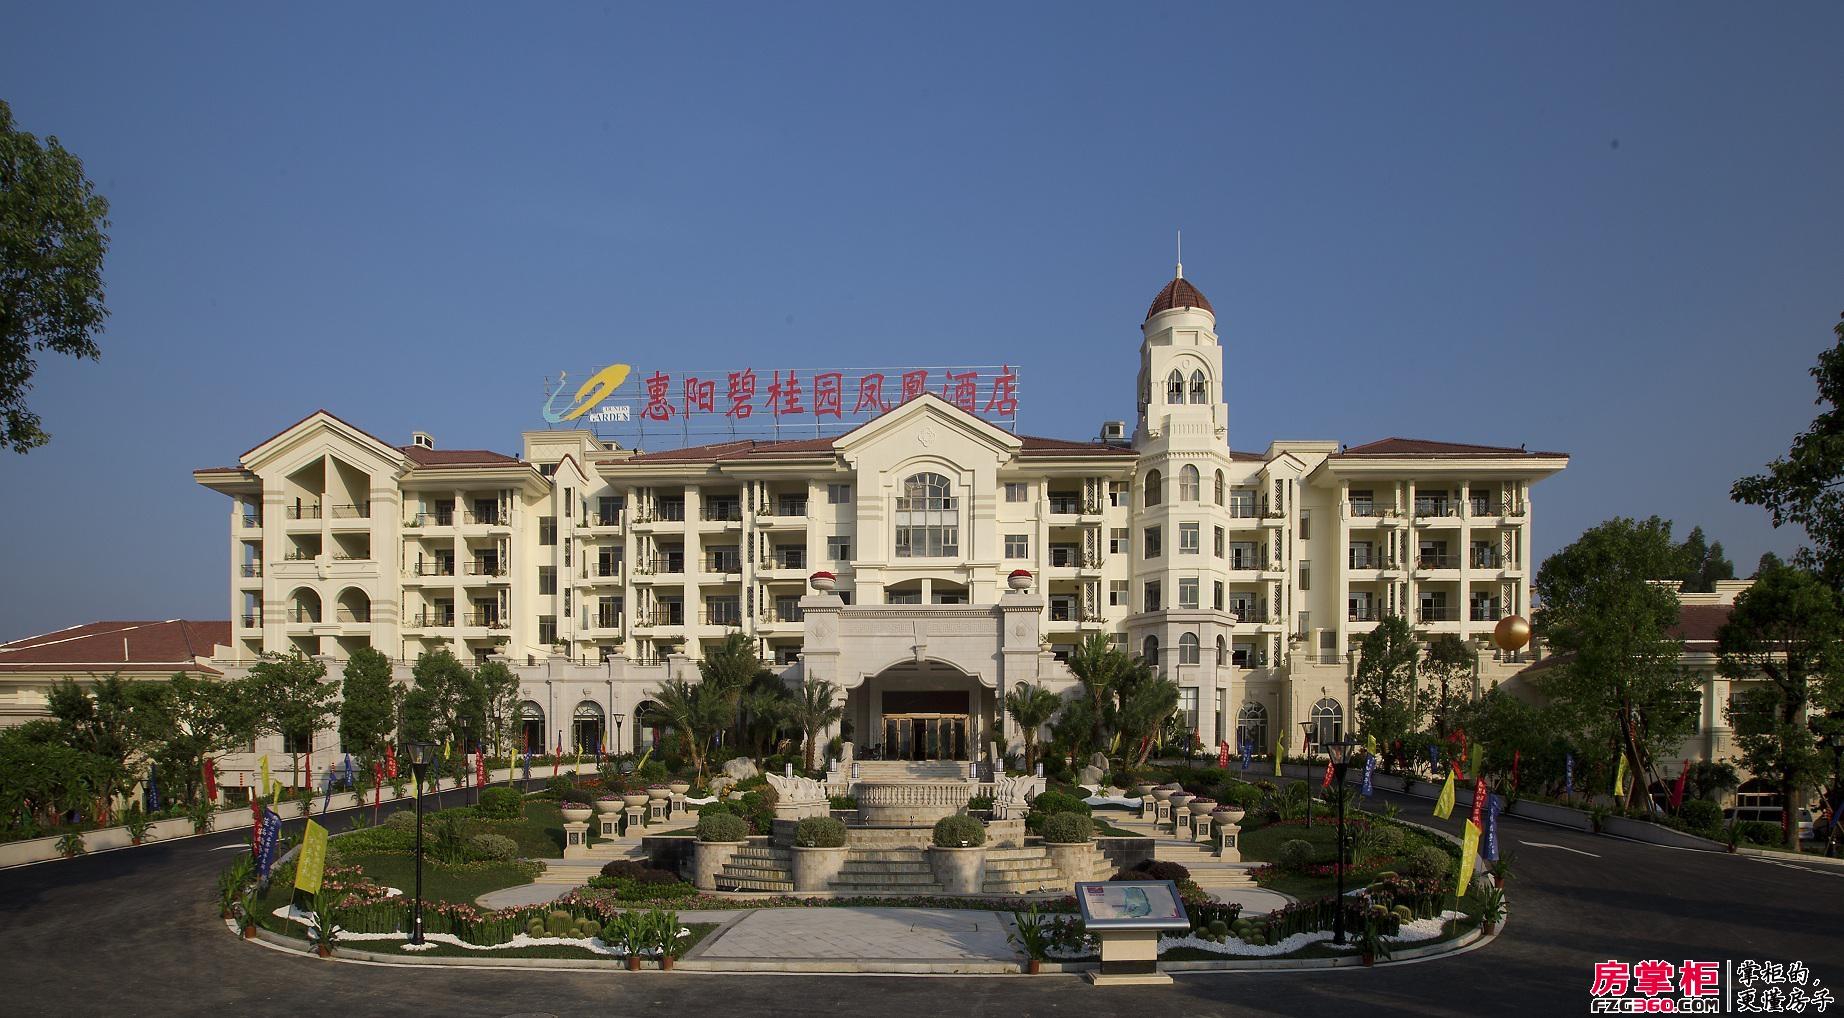 惠阳碧桂园山河城配套五星级酒店实景